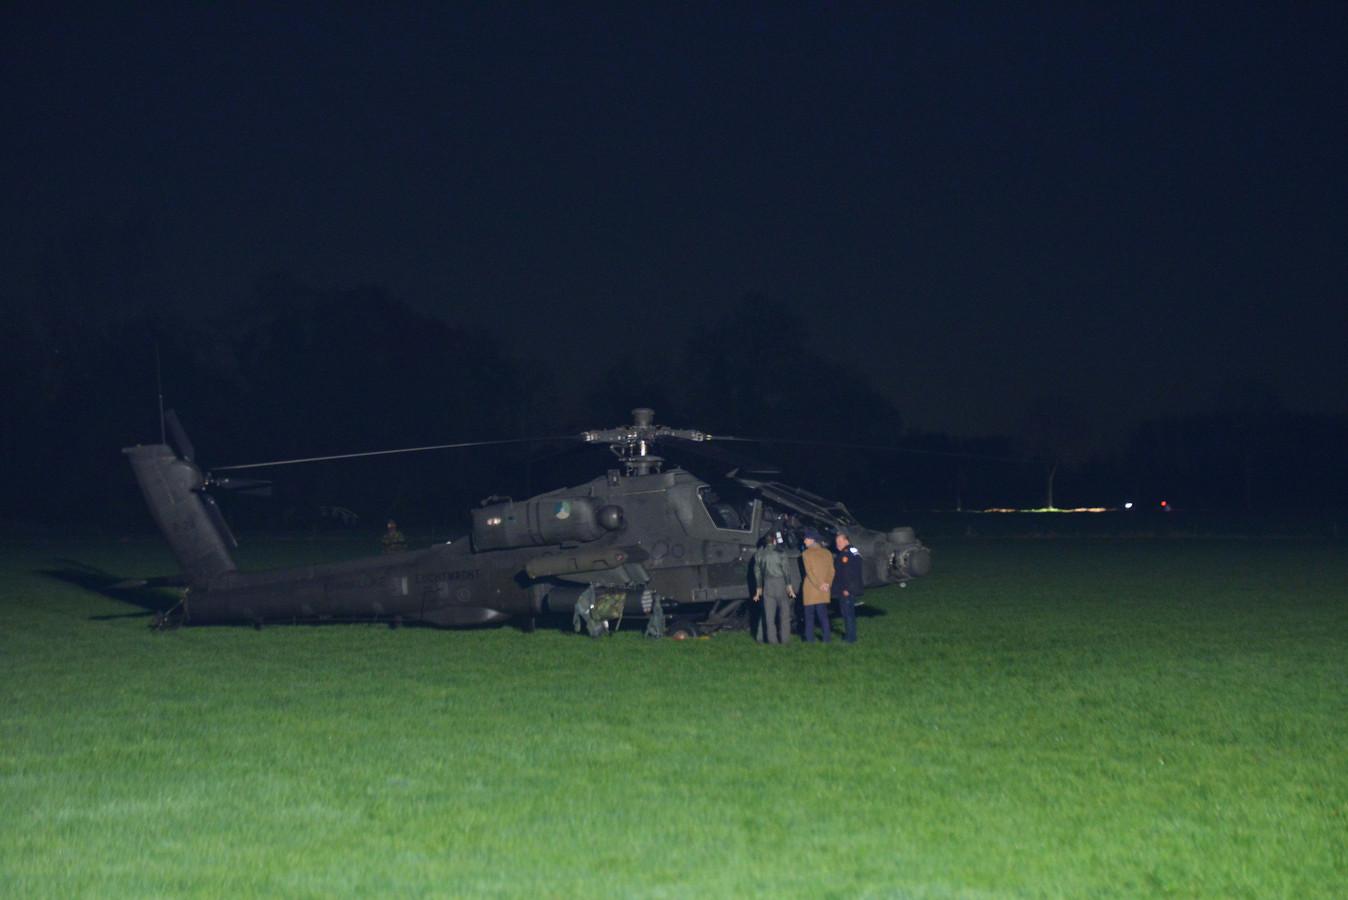 Een onderzoeker van de Onderzoeksraad voor Veiligheid praat met de bemanning van de Apache.